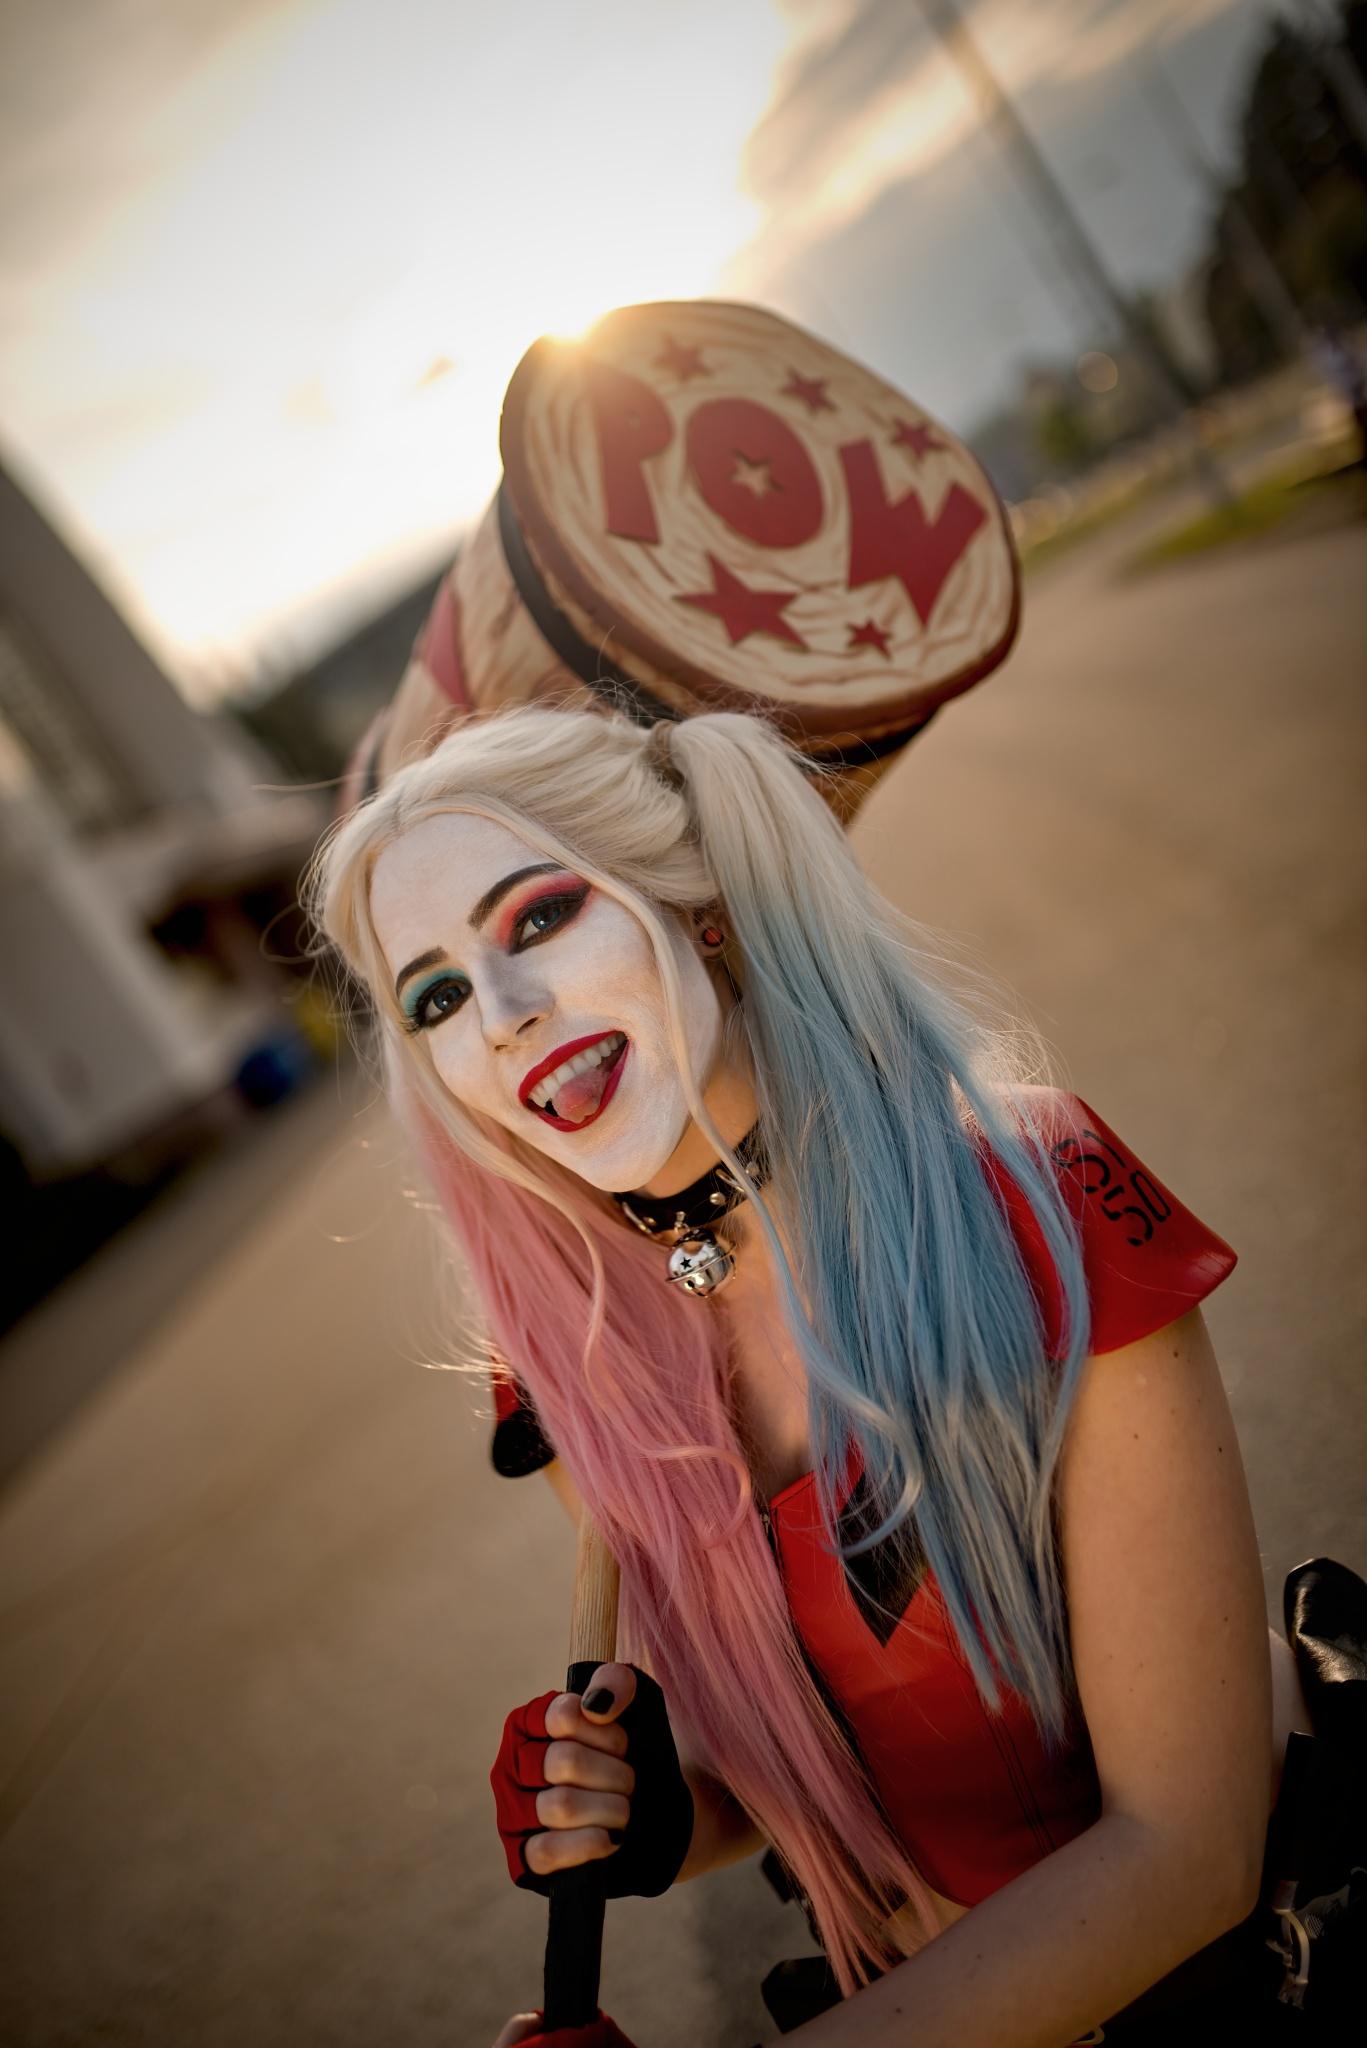 Jak fotit cosplay: základem je dobrý kostým, příprava a inspirace